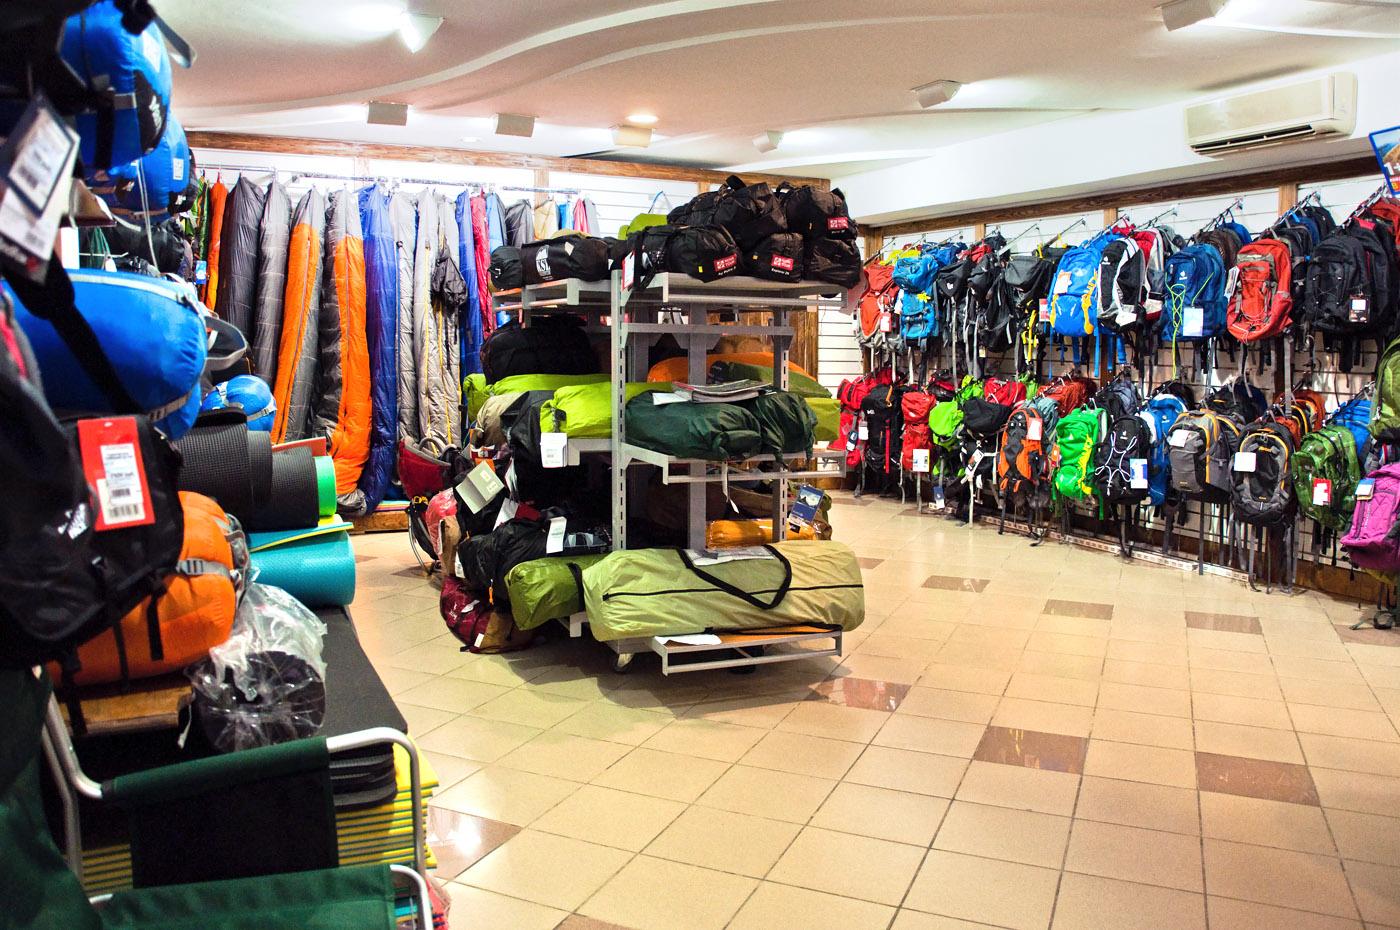 влияние качество магазин одежды для походов вакансии всей России